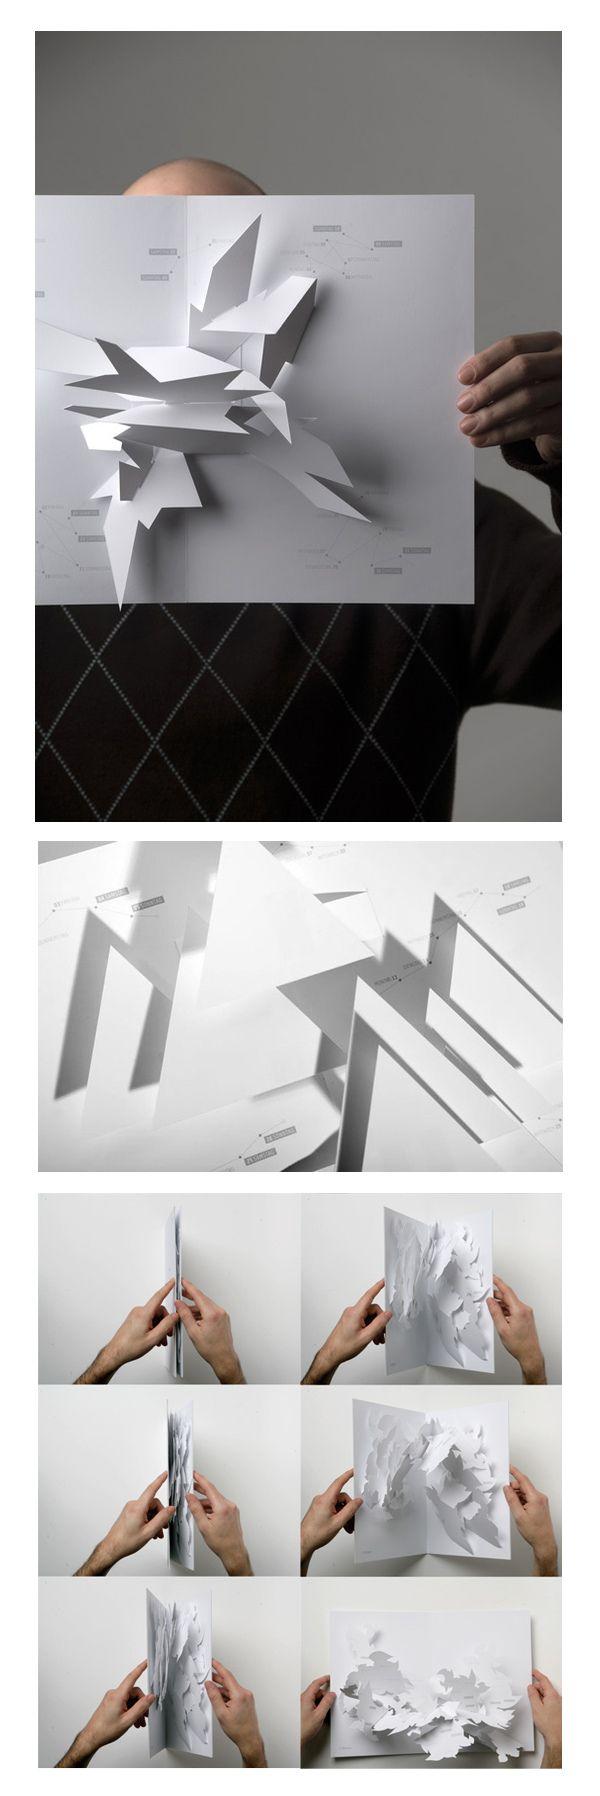 100 créations uniques à découvrir sur l'art du papier ! - graphisme pop-up Johann Volkmer - designer